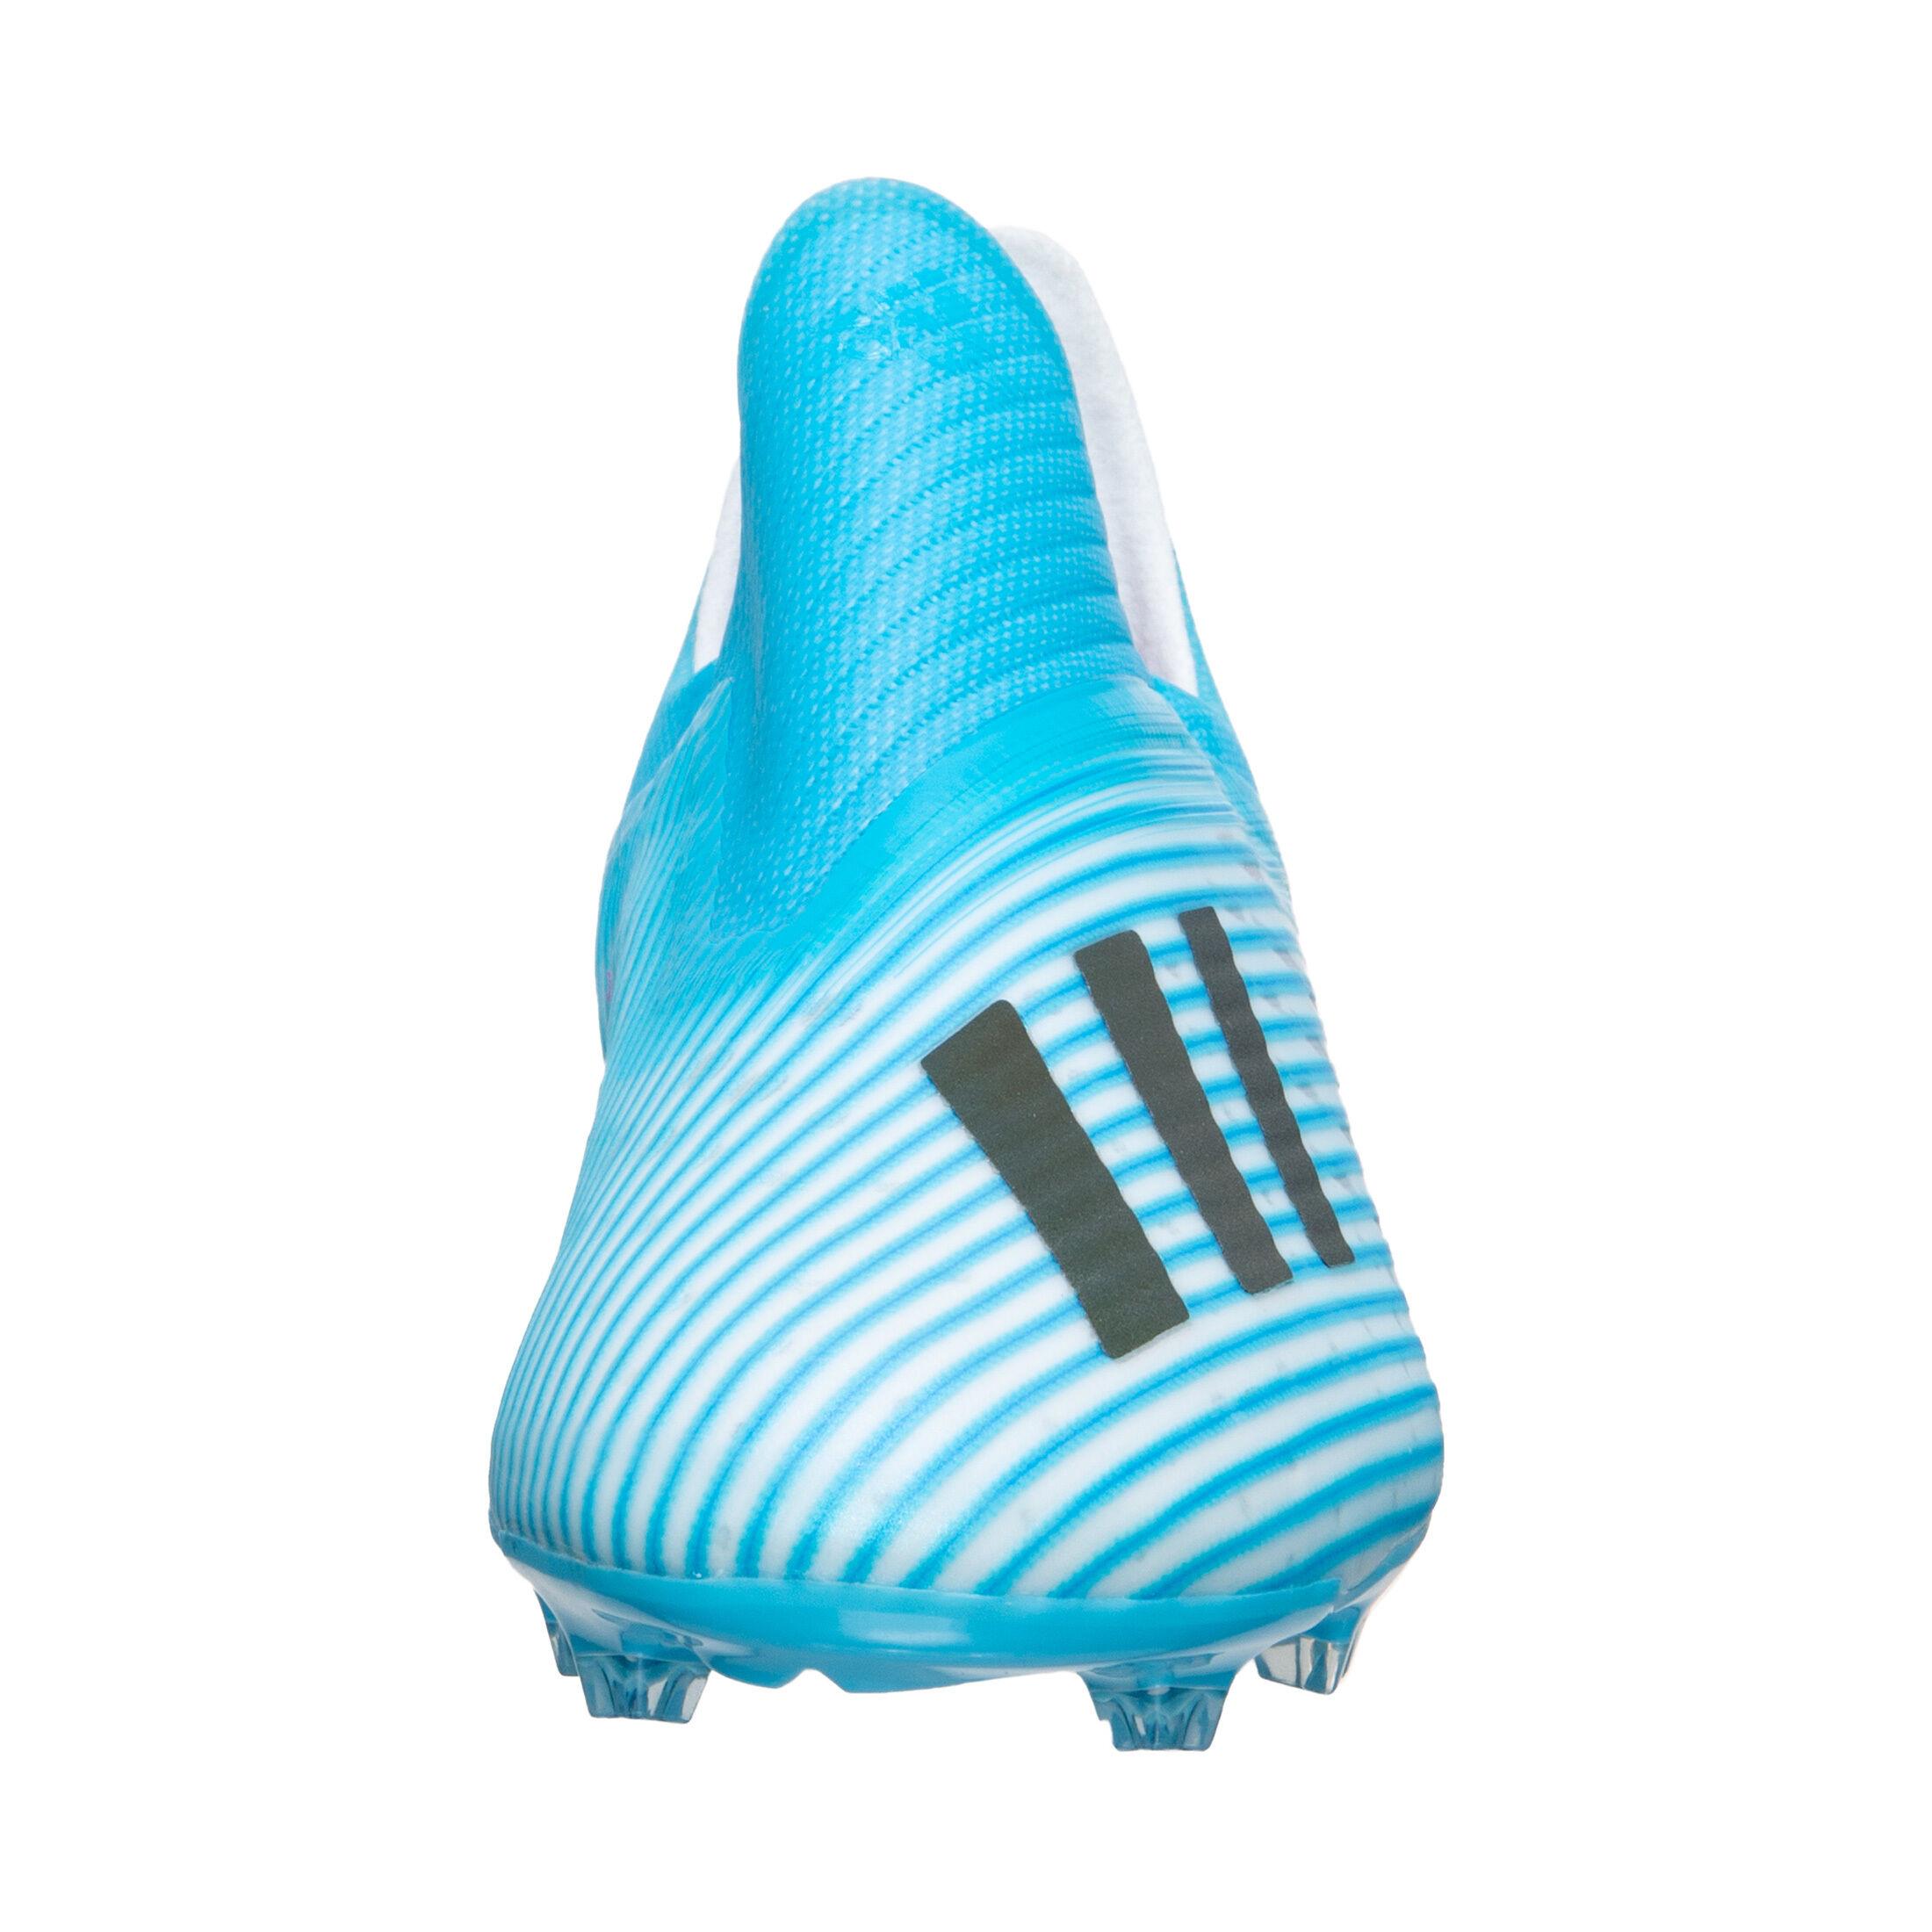 Adidas Performance X 19 Fg Fussballschuh Kinder Bei Outfitter